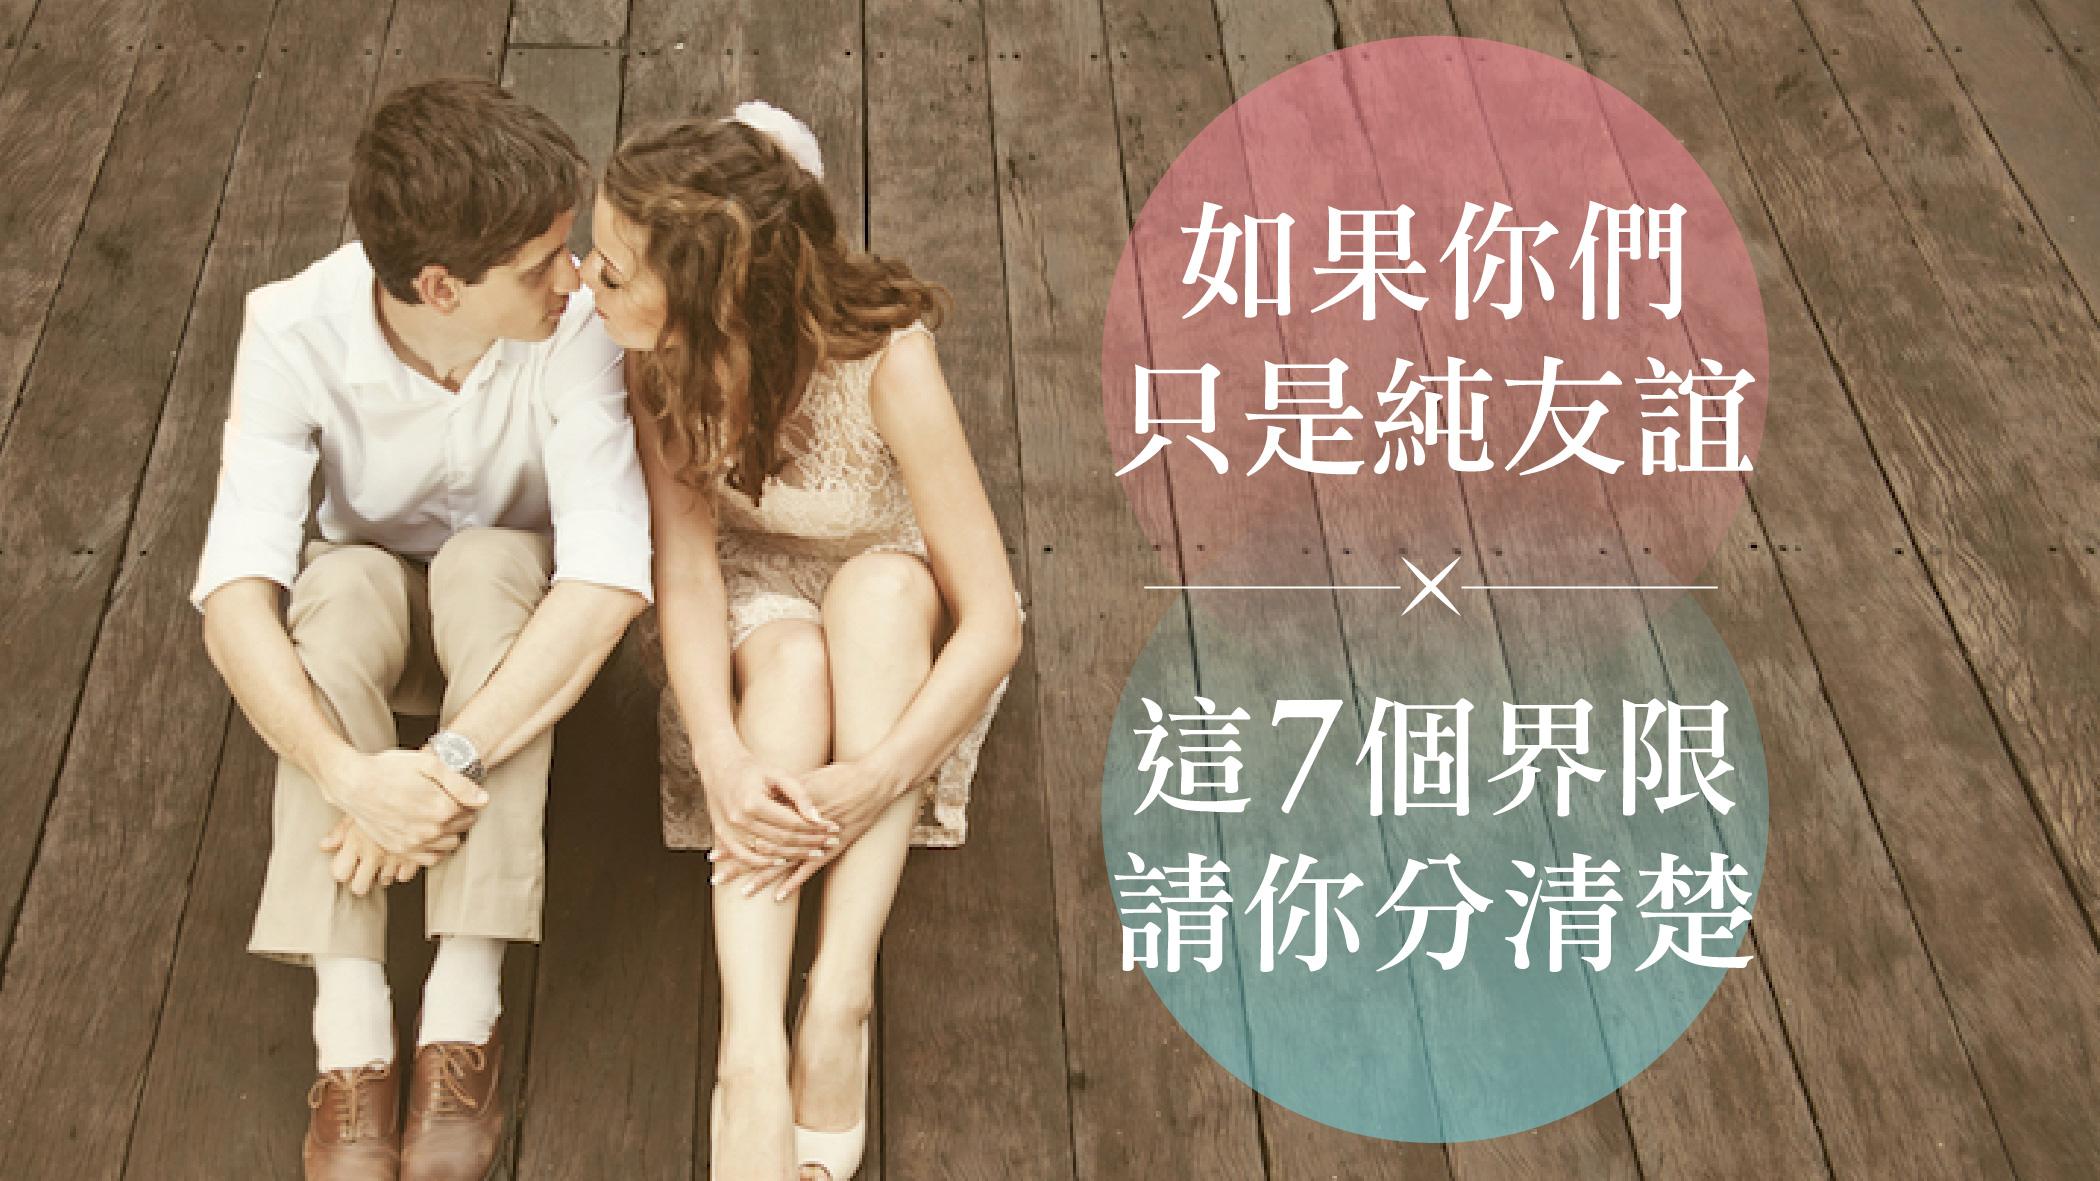 如果你們只是純友誼,這7個界限請你分清楚!